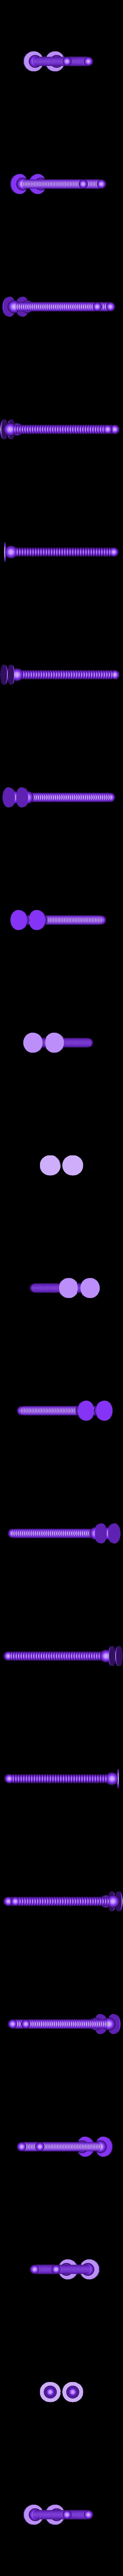 legs_1.stl Télécharger fichier STL gratuit Guard Rob (robot) • Objet pour imprimante 3D, NohaBody